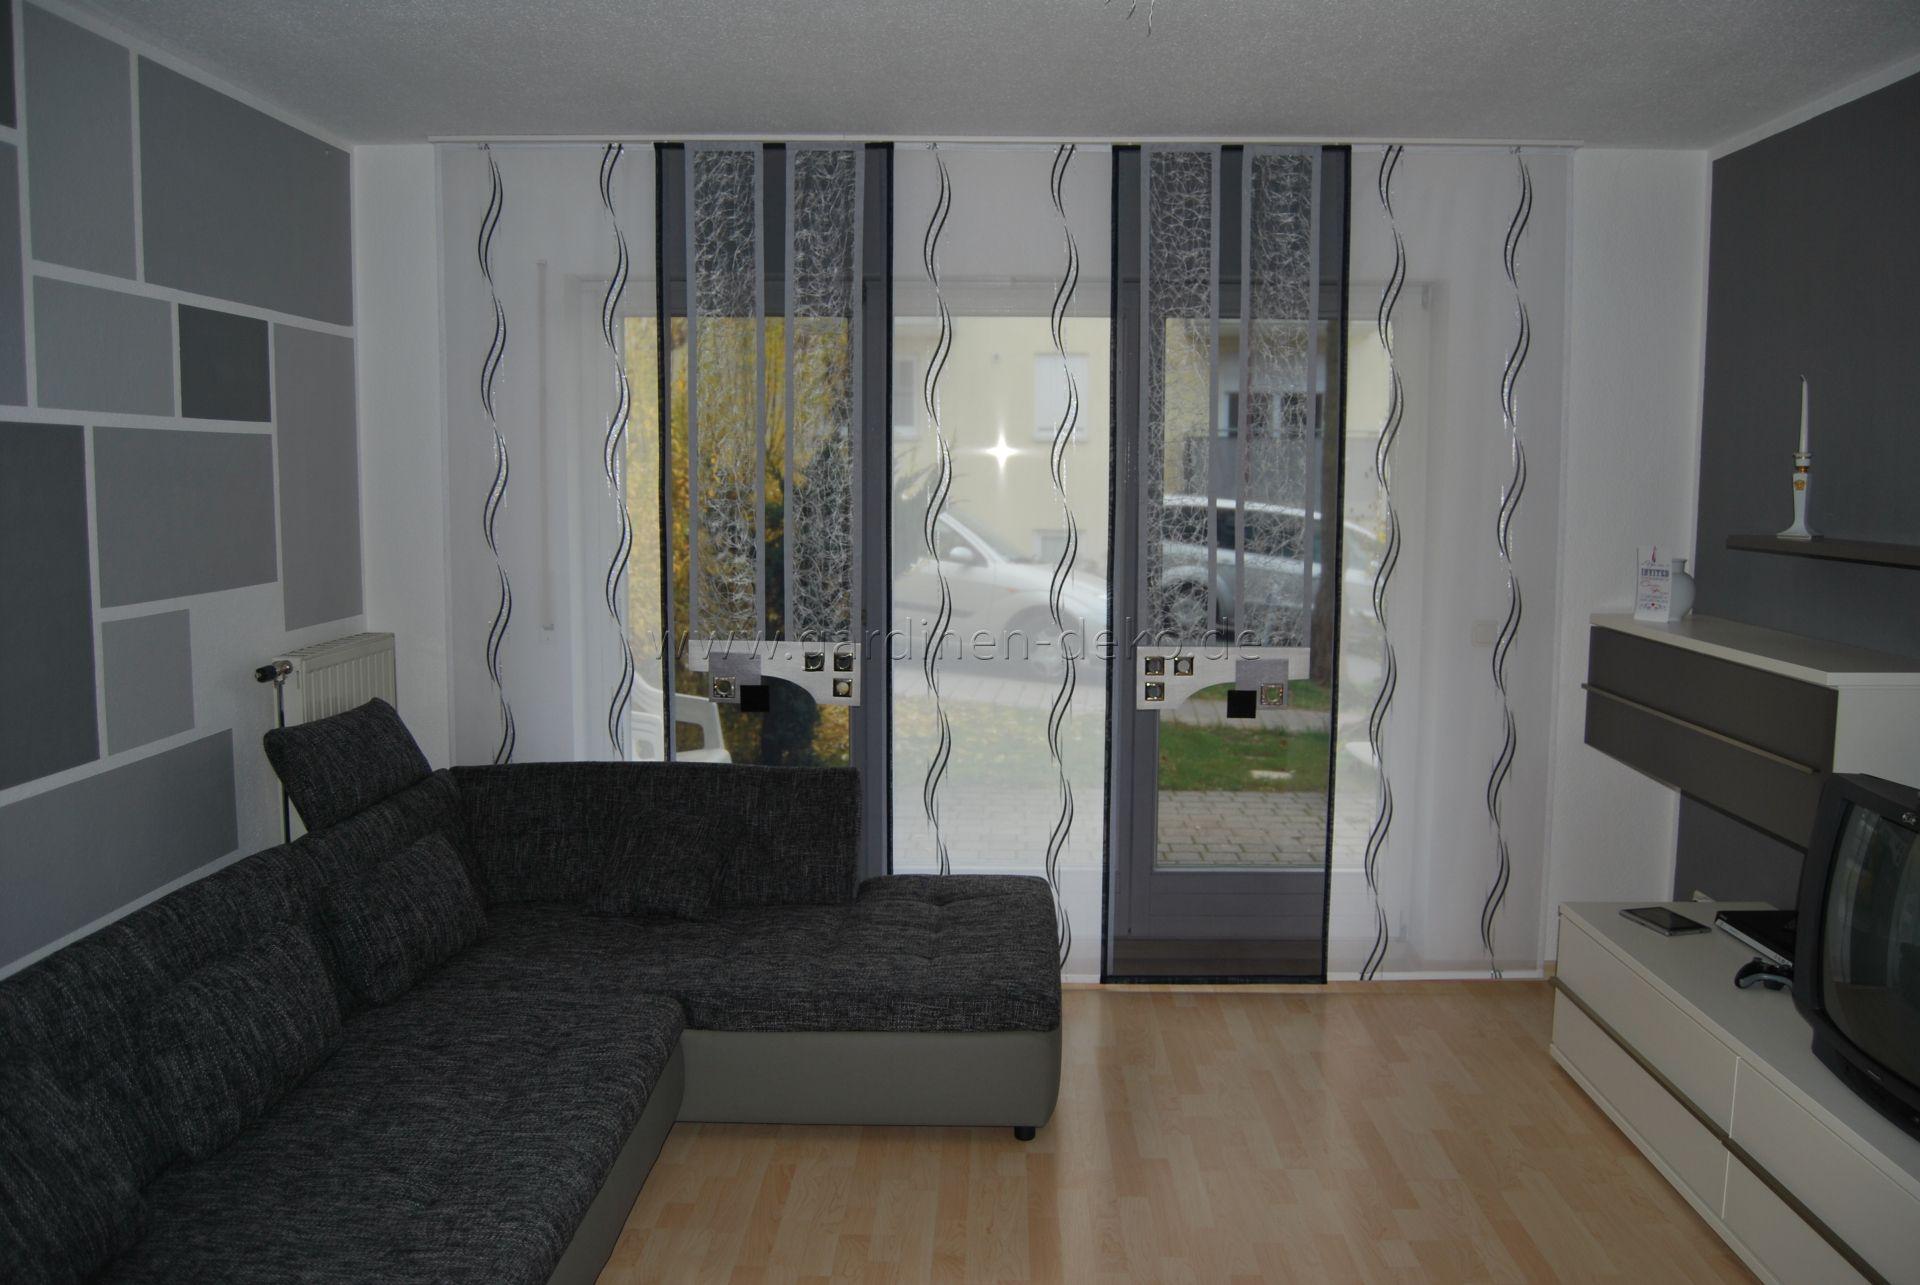 Schiebevorh nge f r wohnzimmer stroyreestr - Schiebevorhange wohnzimmer modern ...